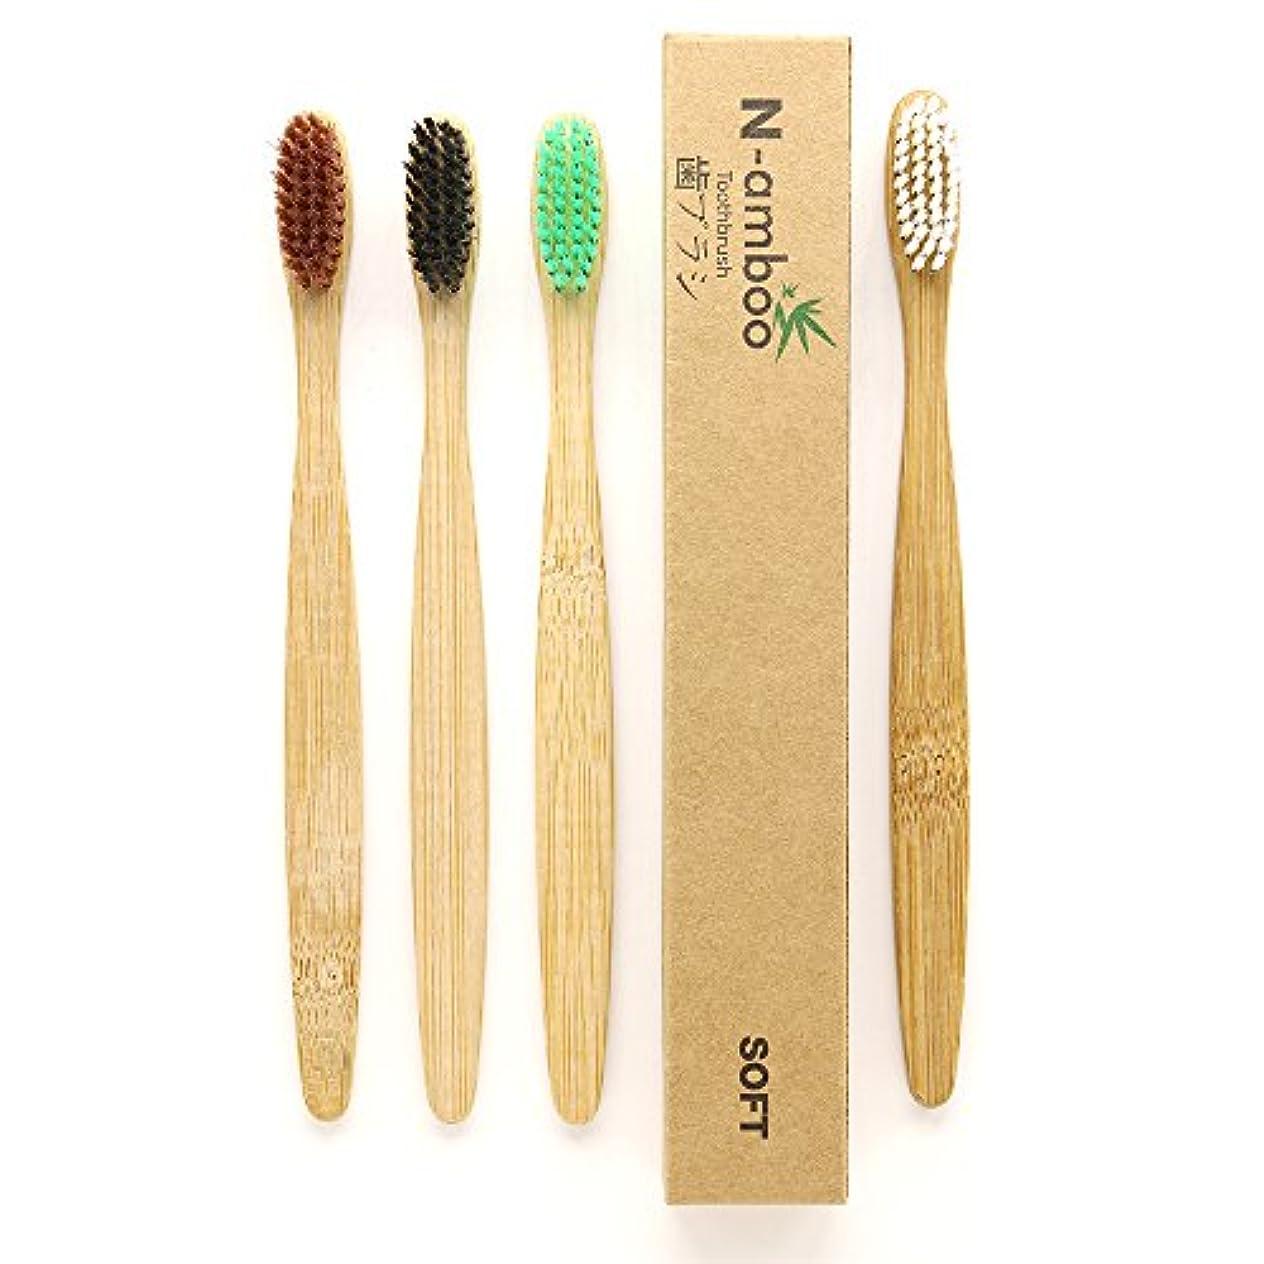 逆さまに登場自動的にN-amboo 竹製耐久度高い 歯ブラシ 4本入り(4色各1本)